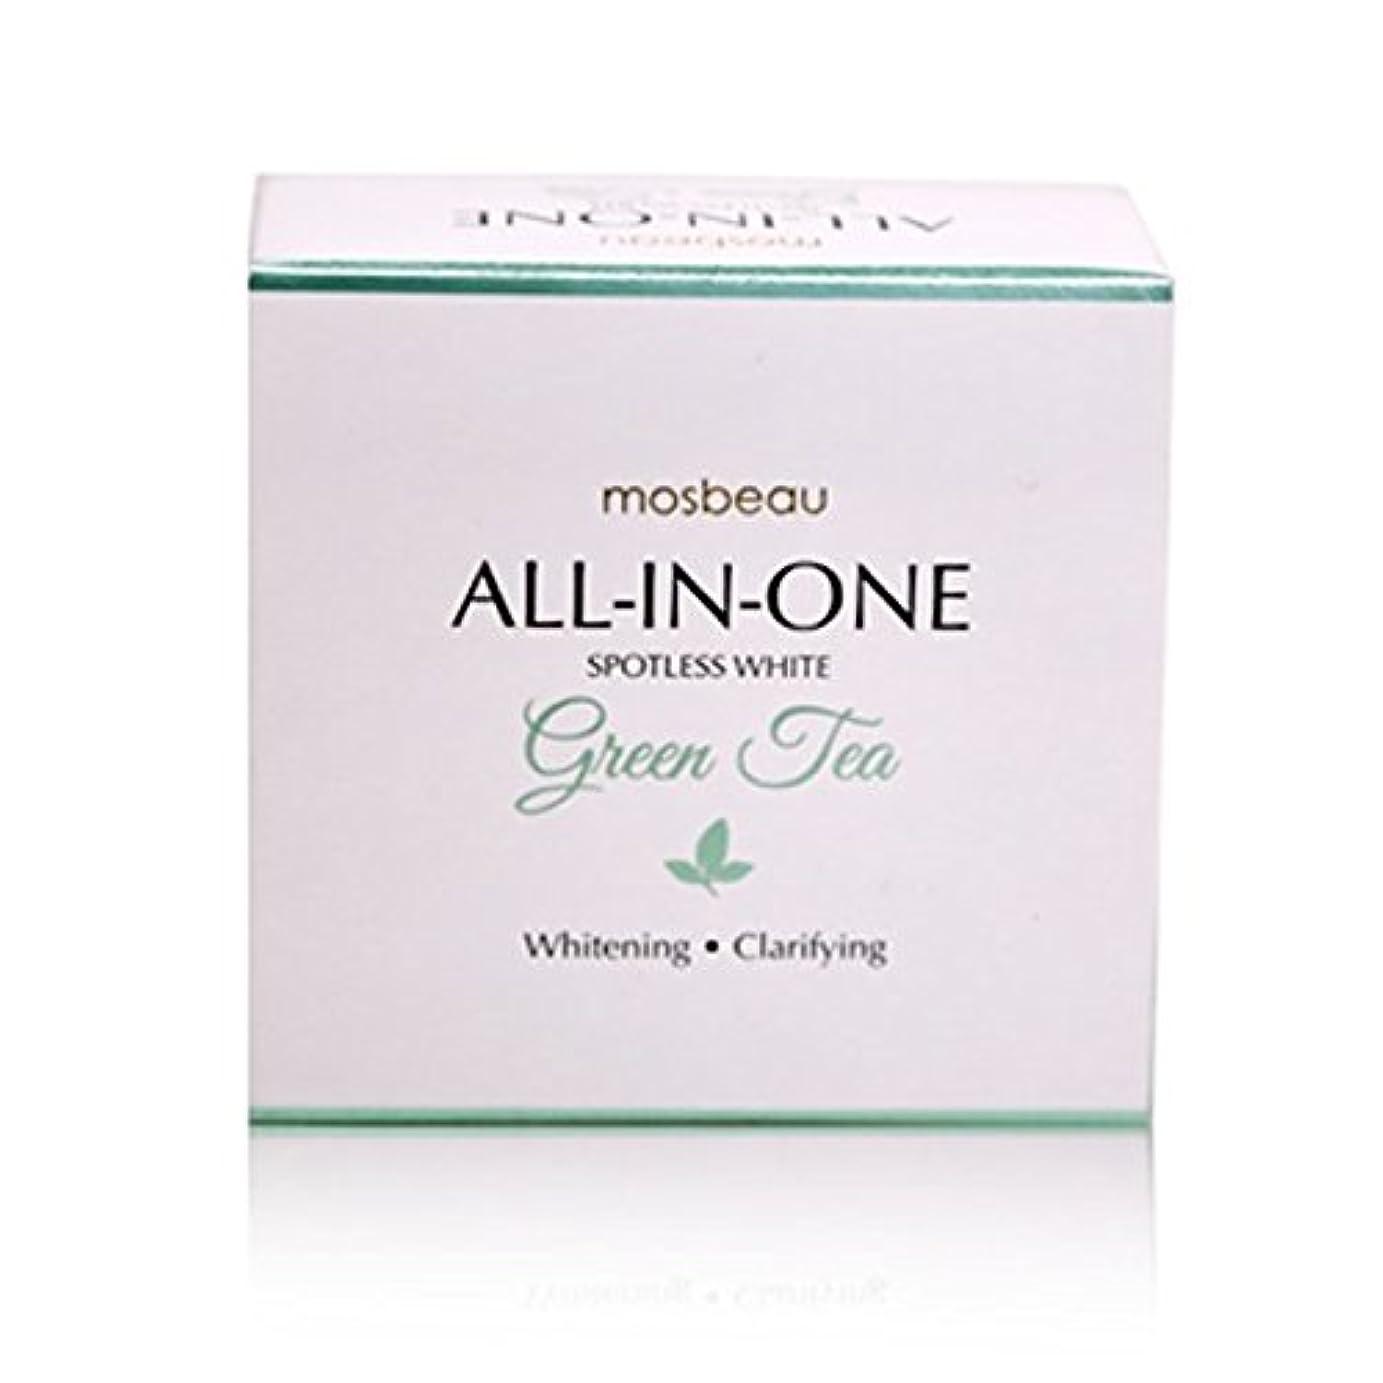 チャレンジ直接ポップmosbeau Spotless White GREEN TEA Facial Soap 100g モスビュー スポットレス ホワイト グリーンティー フェイシャル ソープ